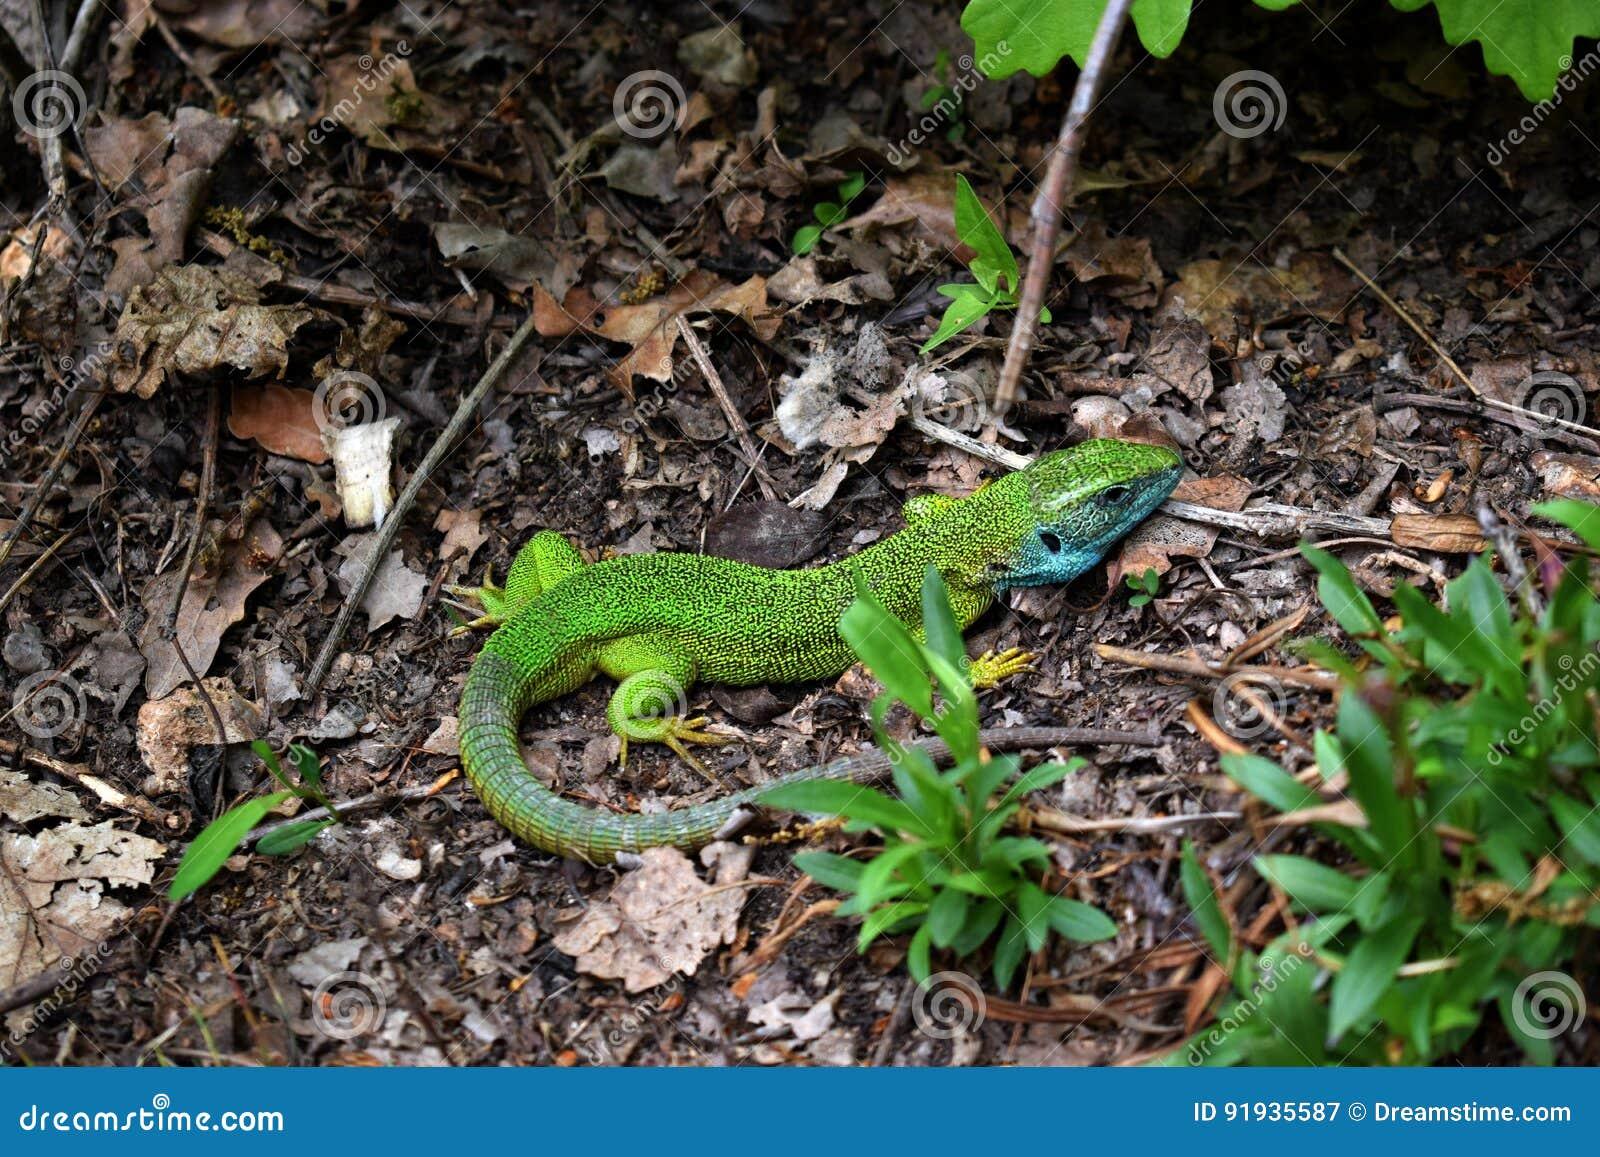 Lagarto verde